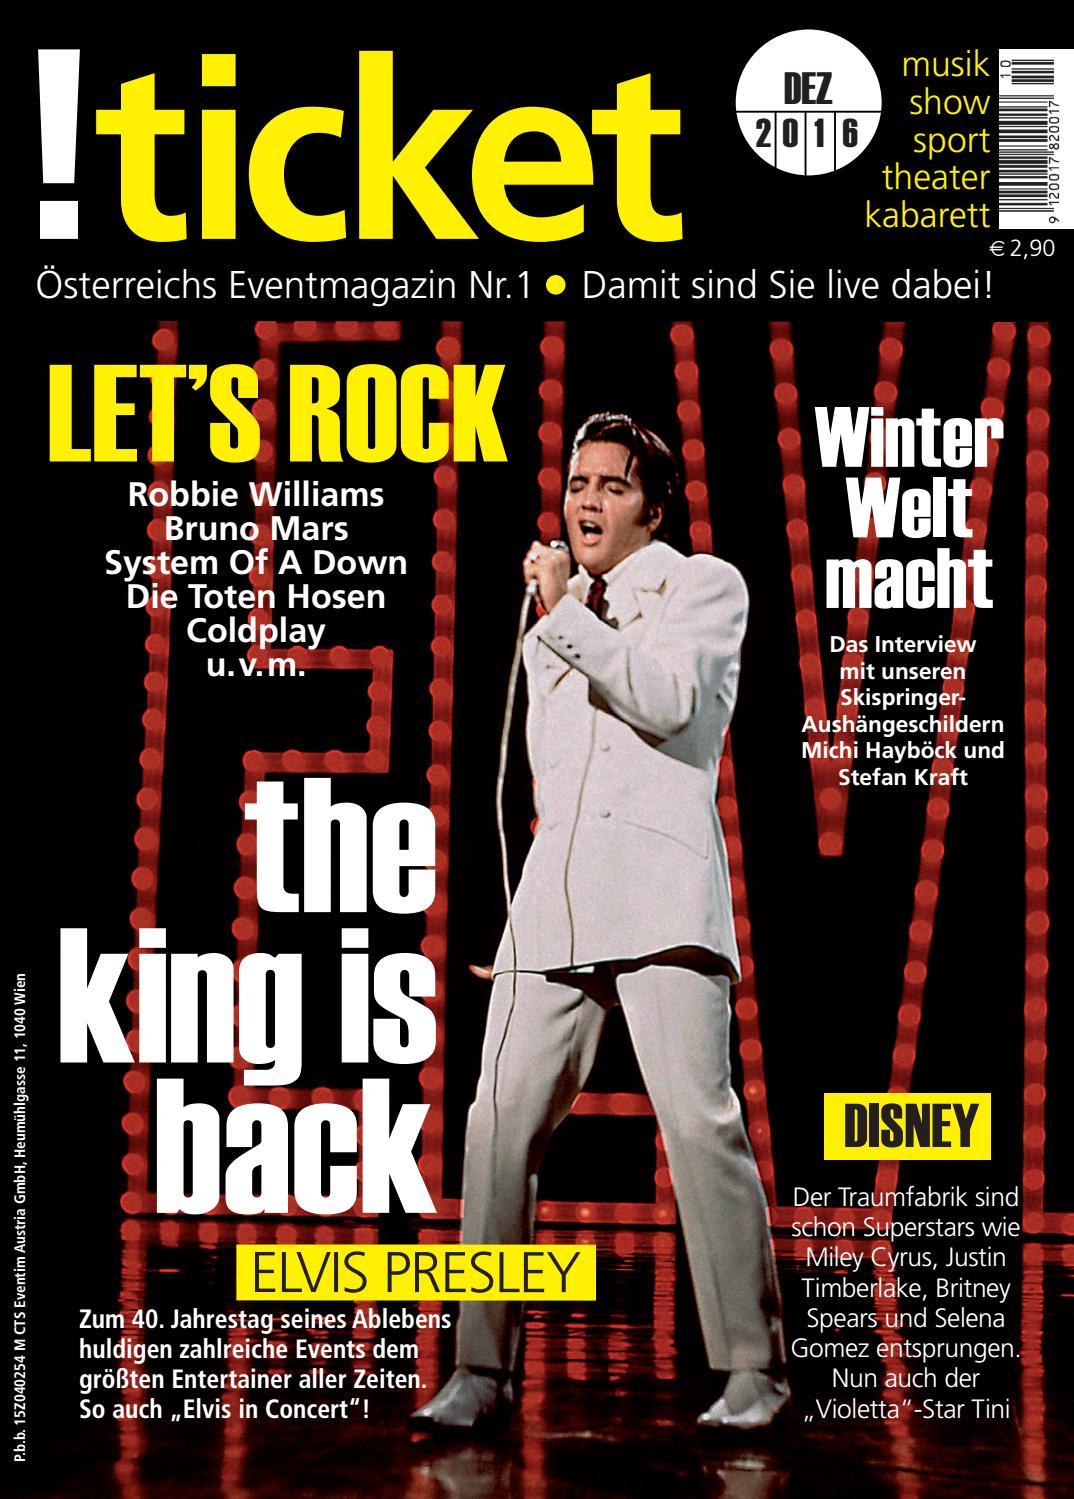 ticket Dezember 2016 by TICKET Das Eventmagazin - issuu